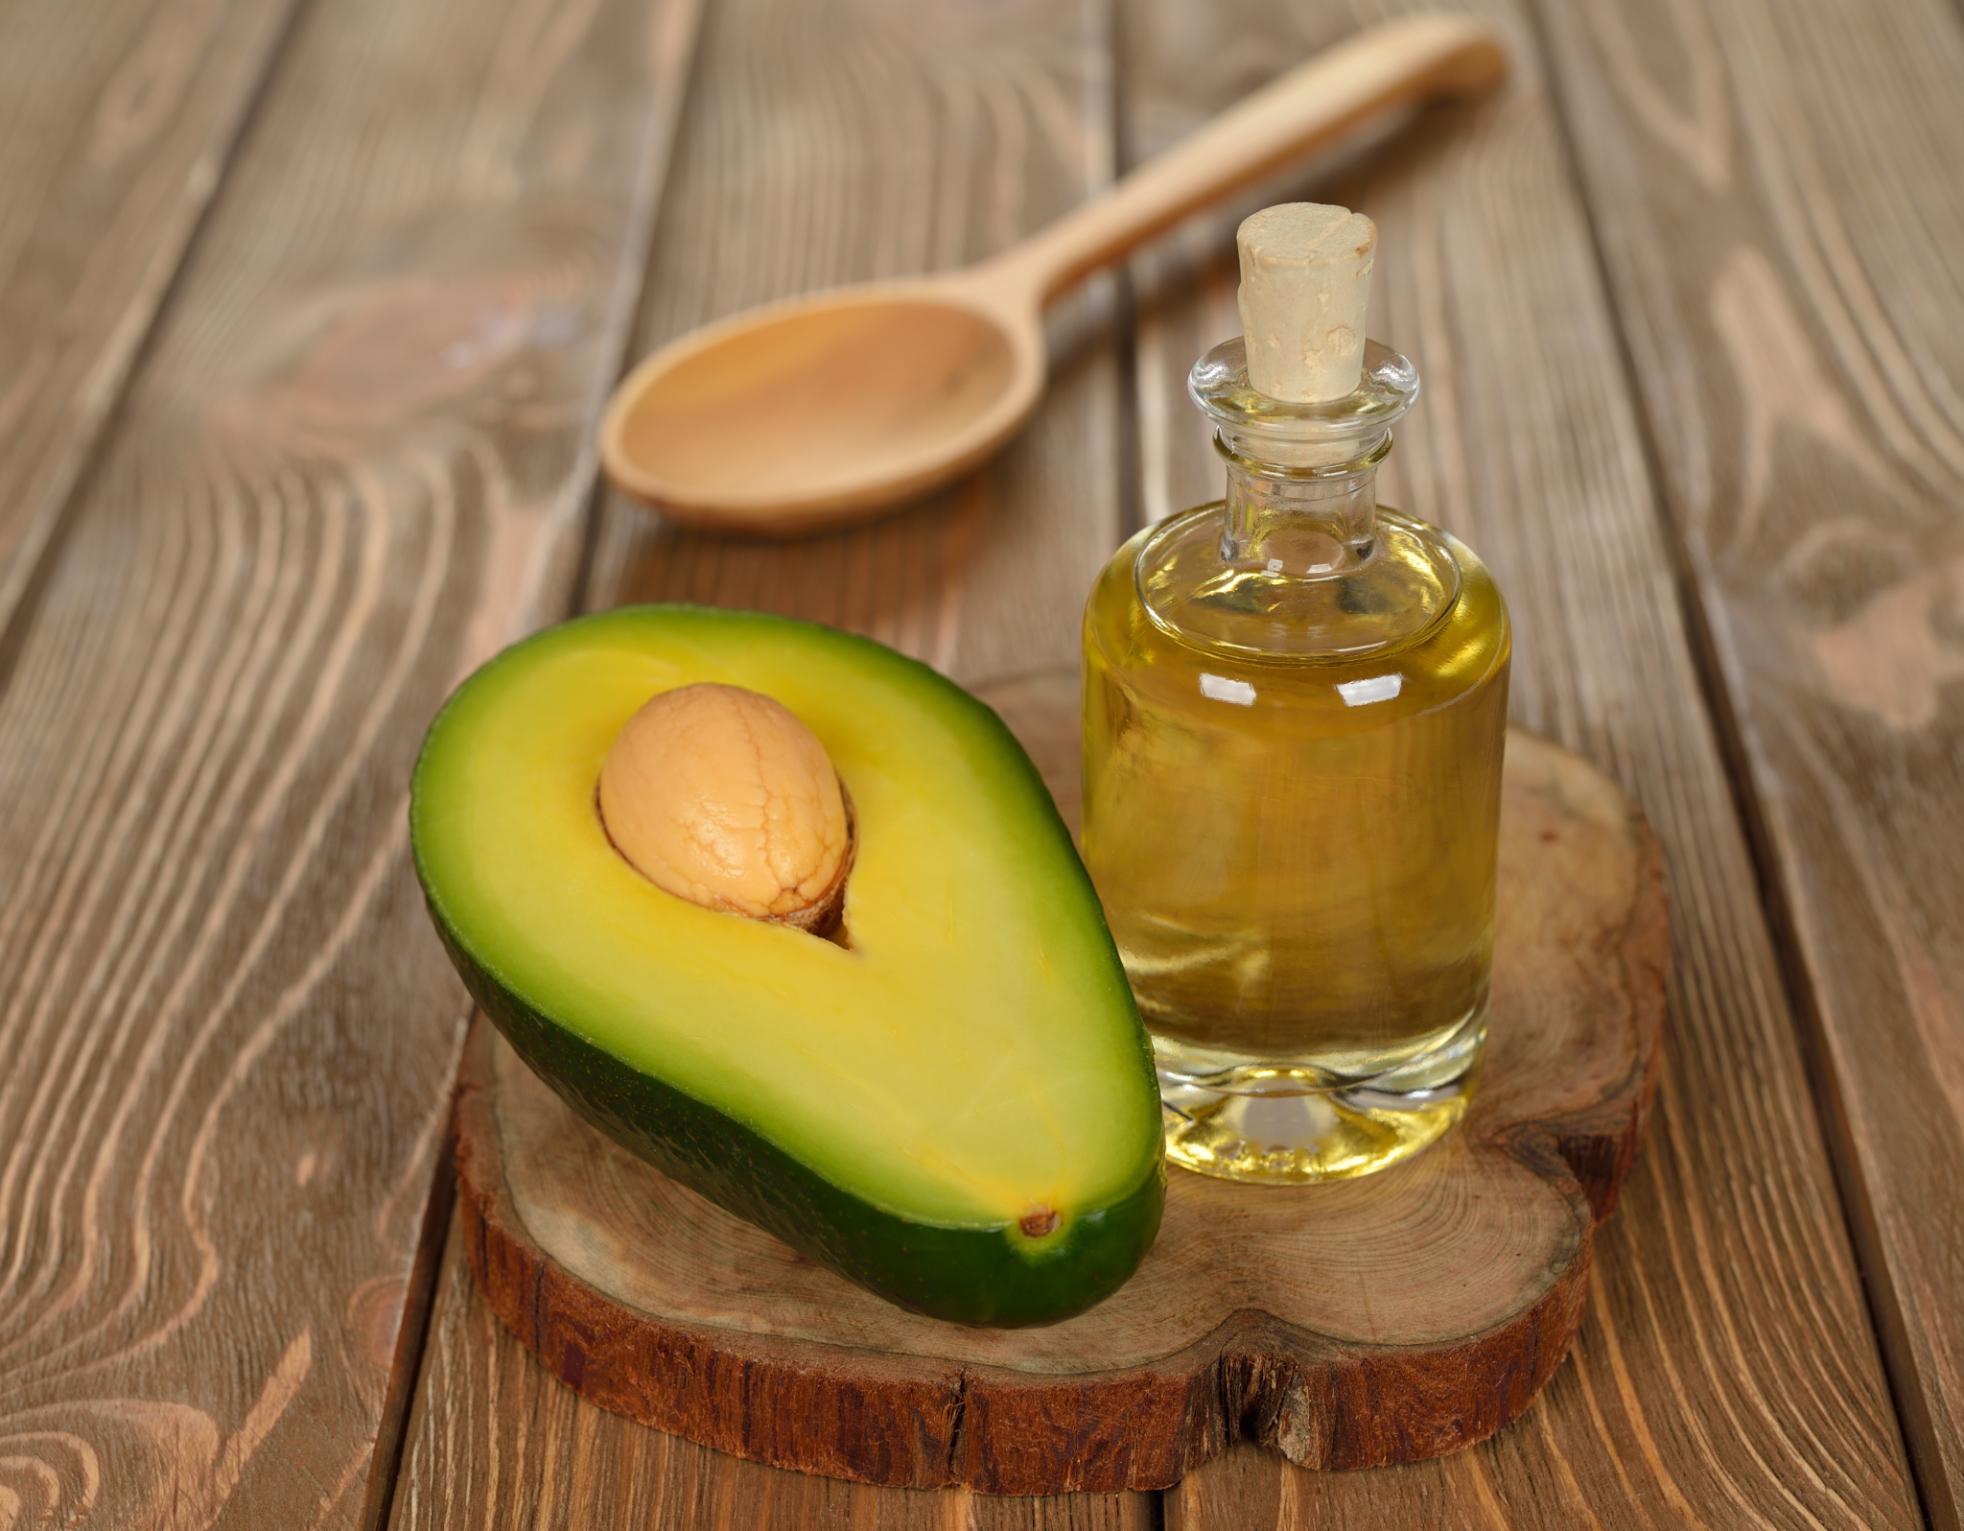 Les-bienfaits-de-l-huile-d-avocat-pour-la-peau-et-les-cheveux